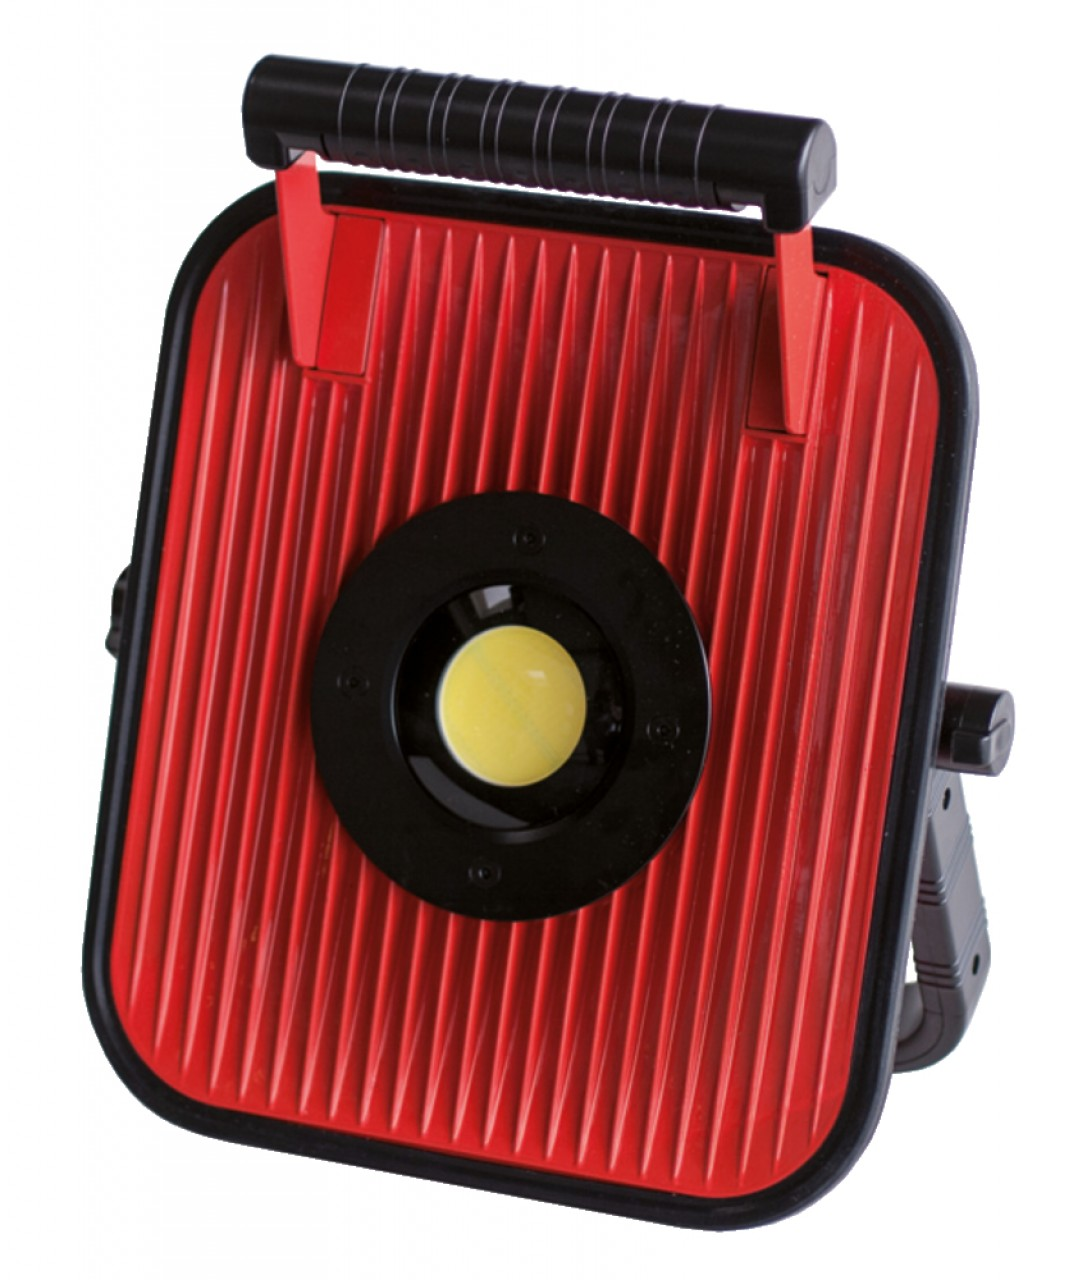 LED-Leuchte 30W mit Li-Ion Akku und Bluetooth Lautsprecher